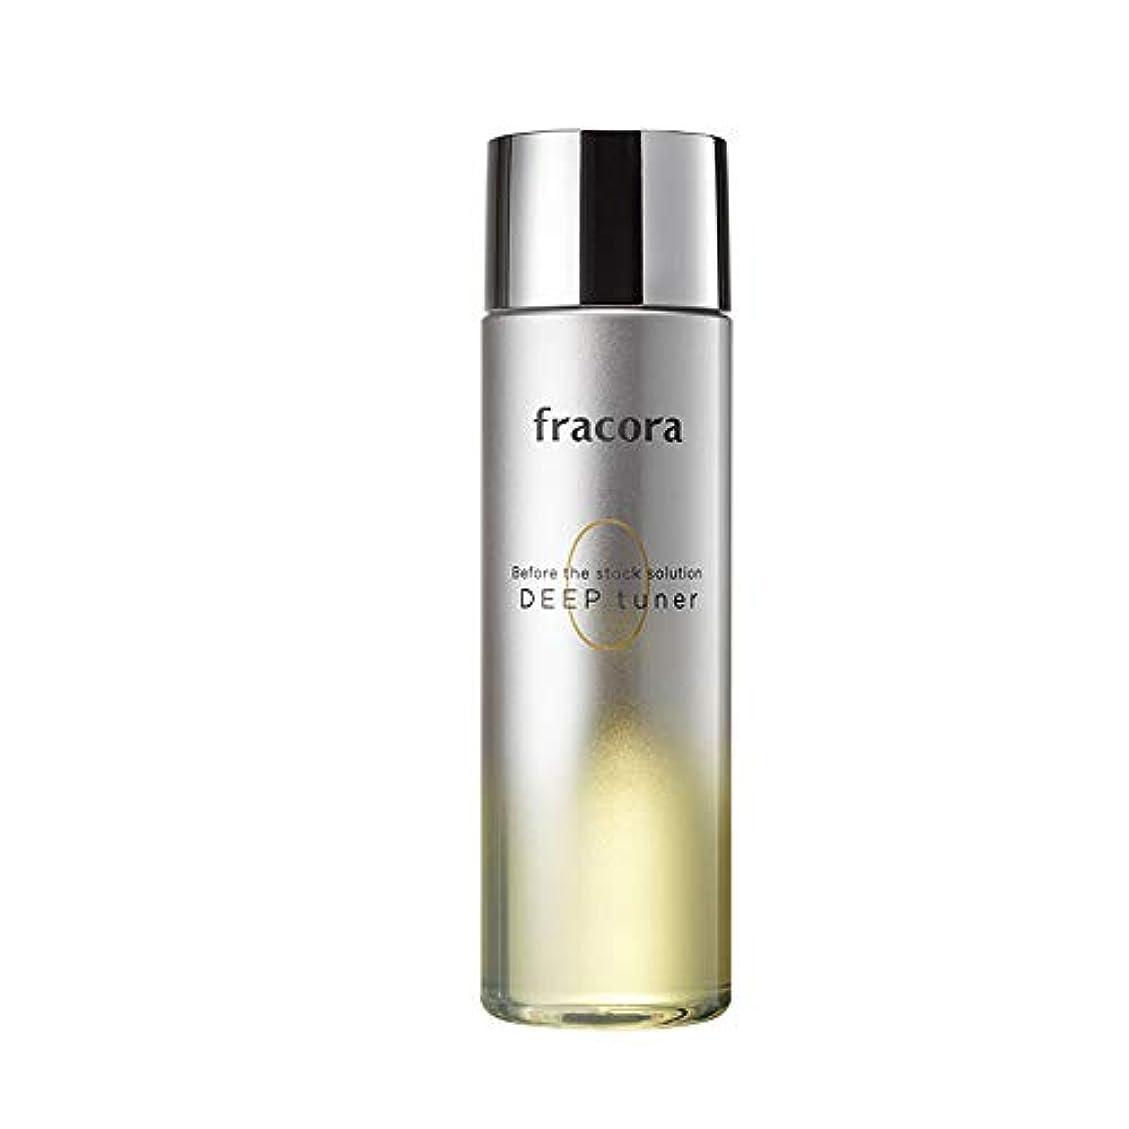 返還意図下品fracora(フラコラ) 保湿液 ディープ チューナー 120mL